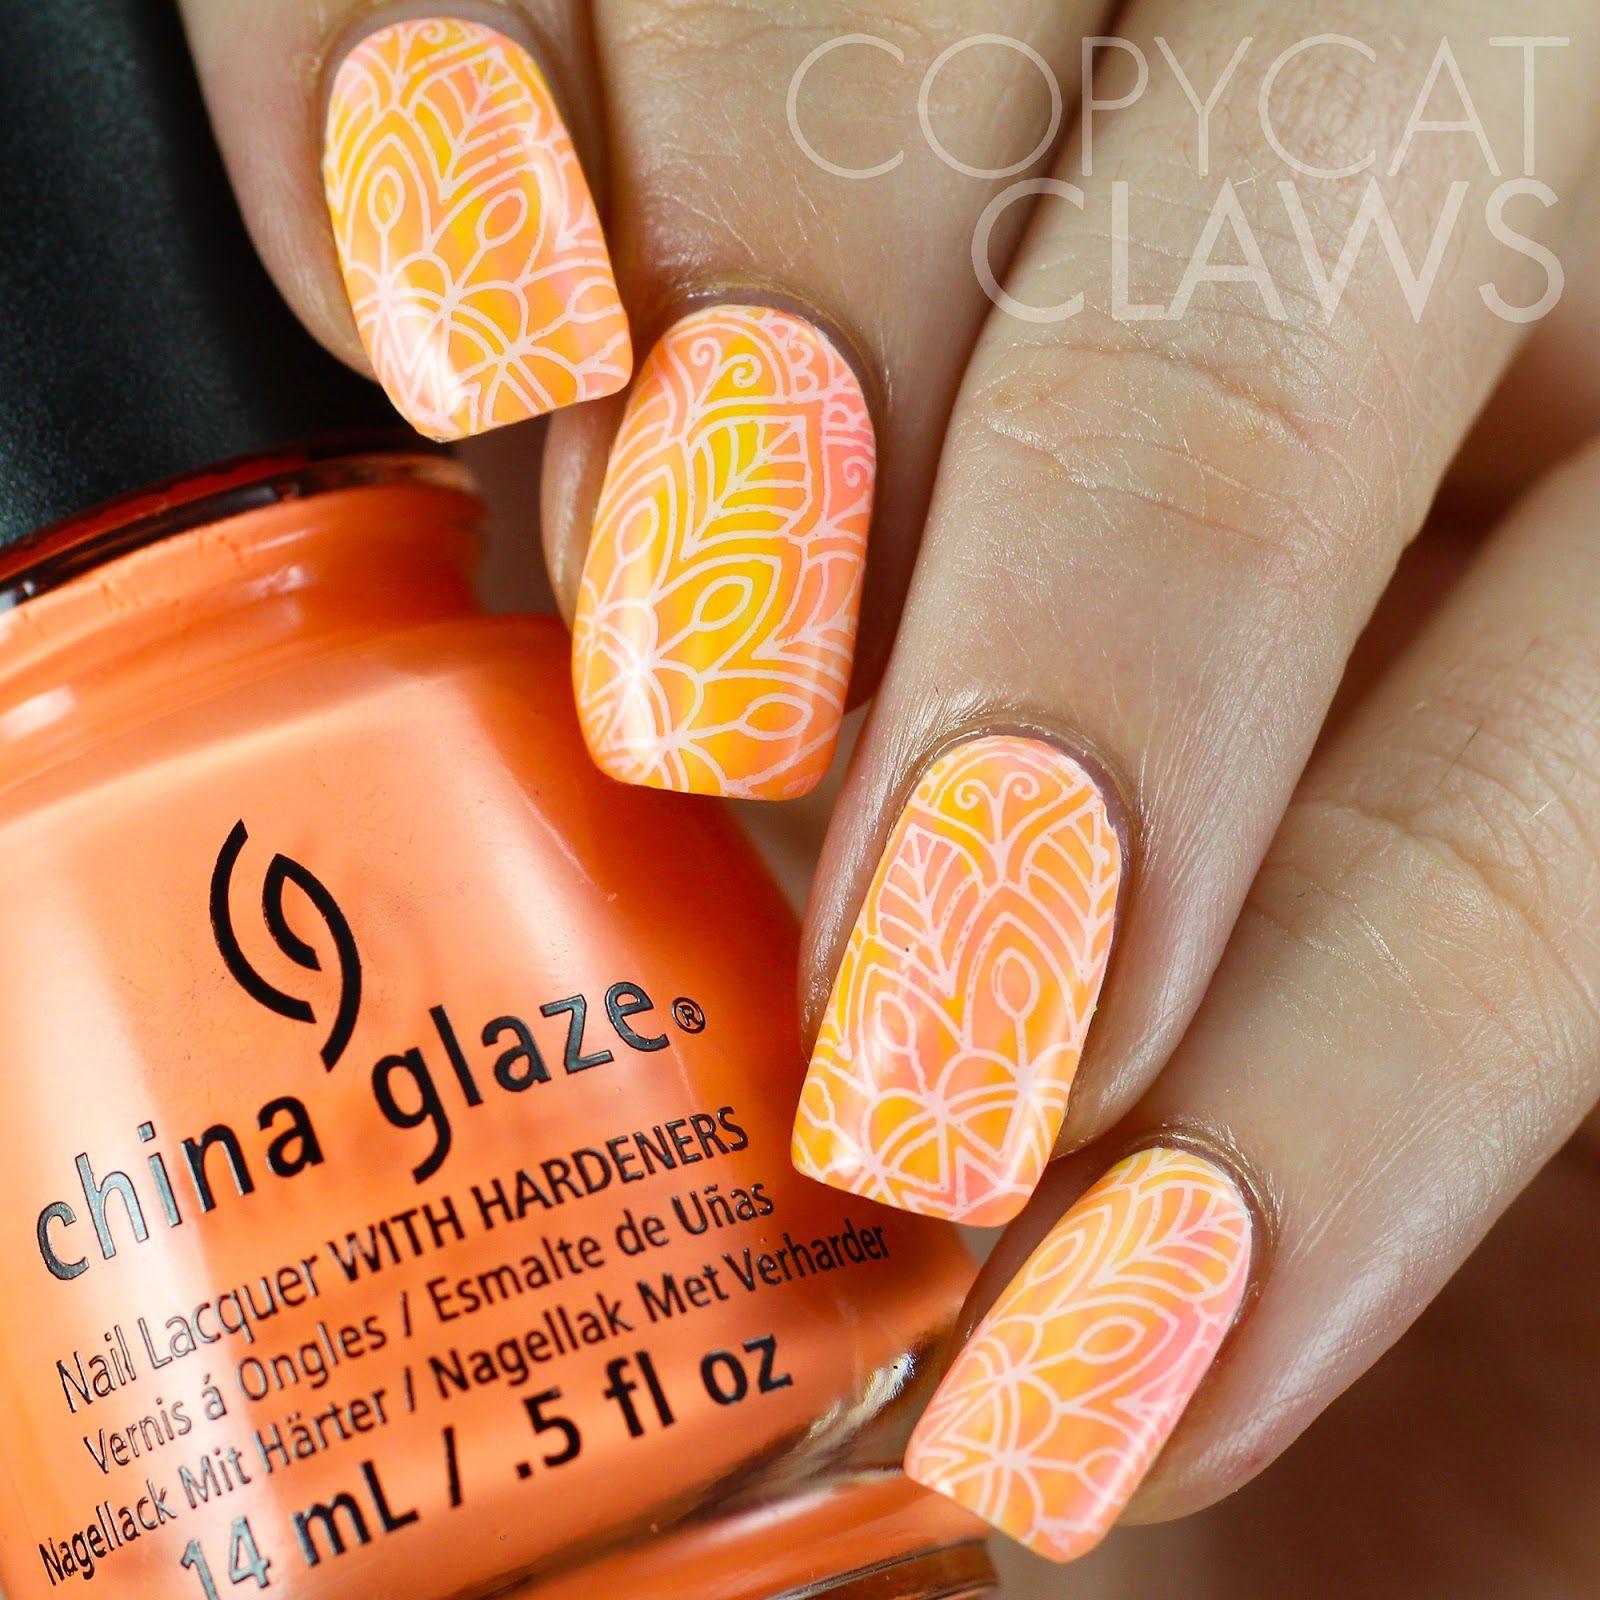 Neon Watercolor Nail Art (Copycat Claws) | Neon, Neon nails and Nail ...